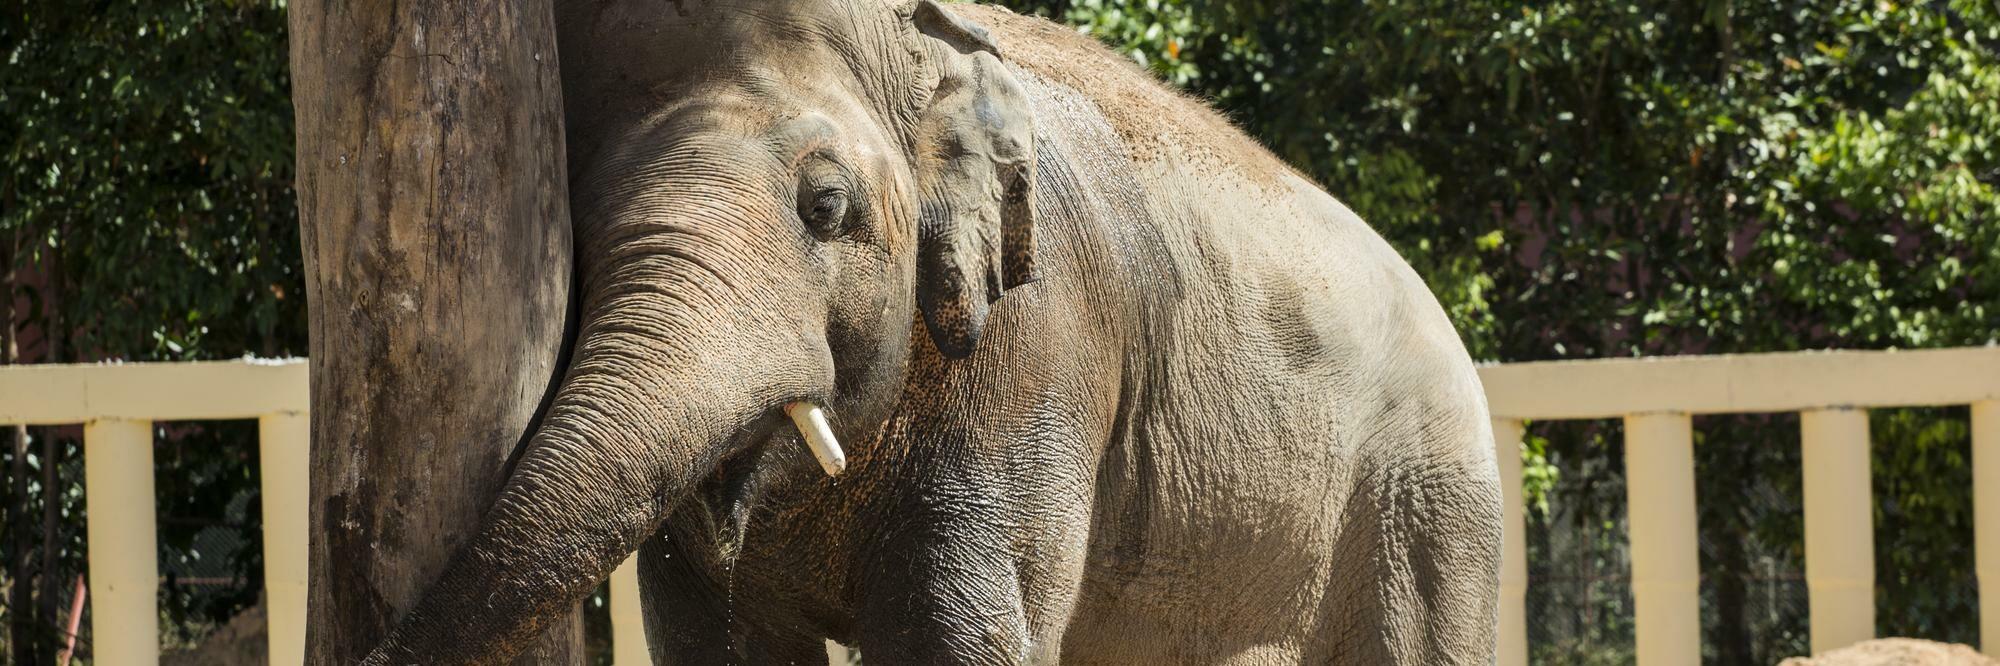 Kaavan, world's loneliest elephant